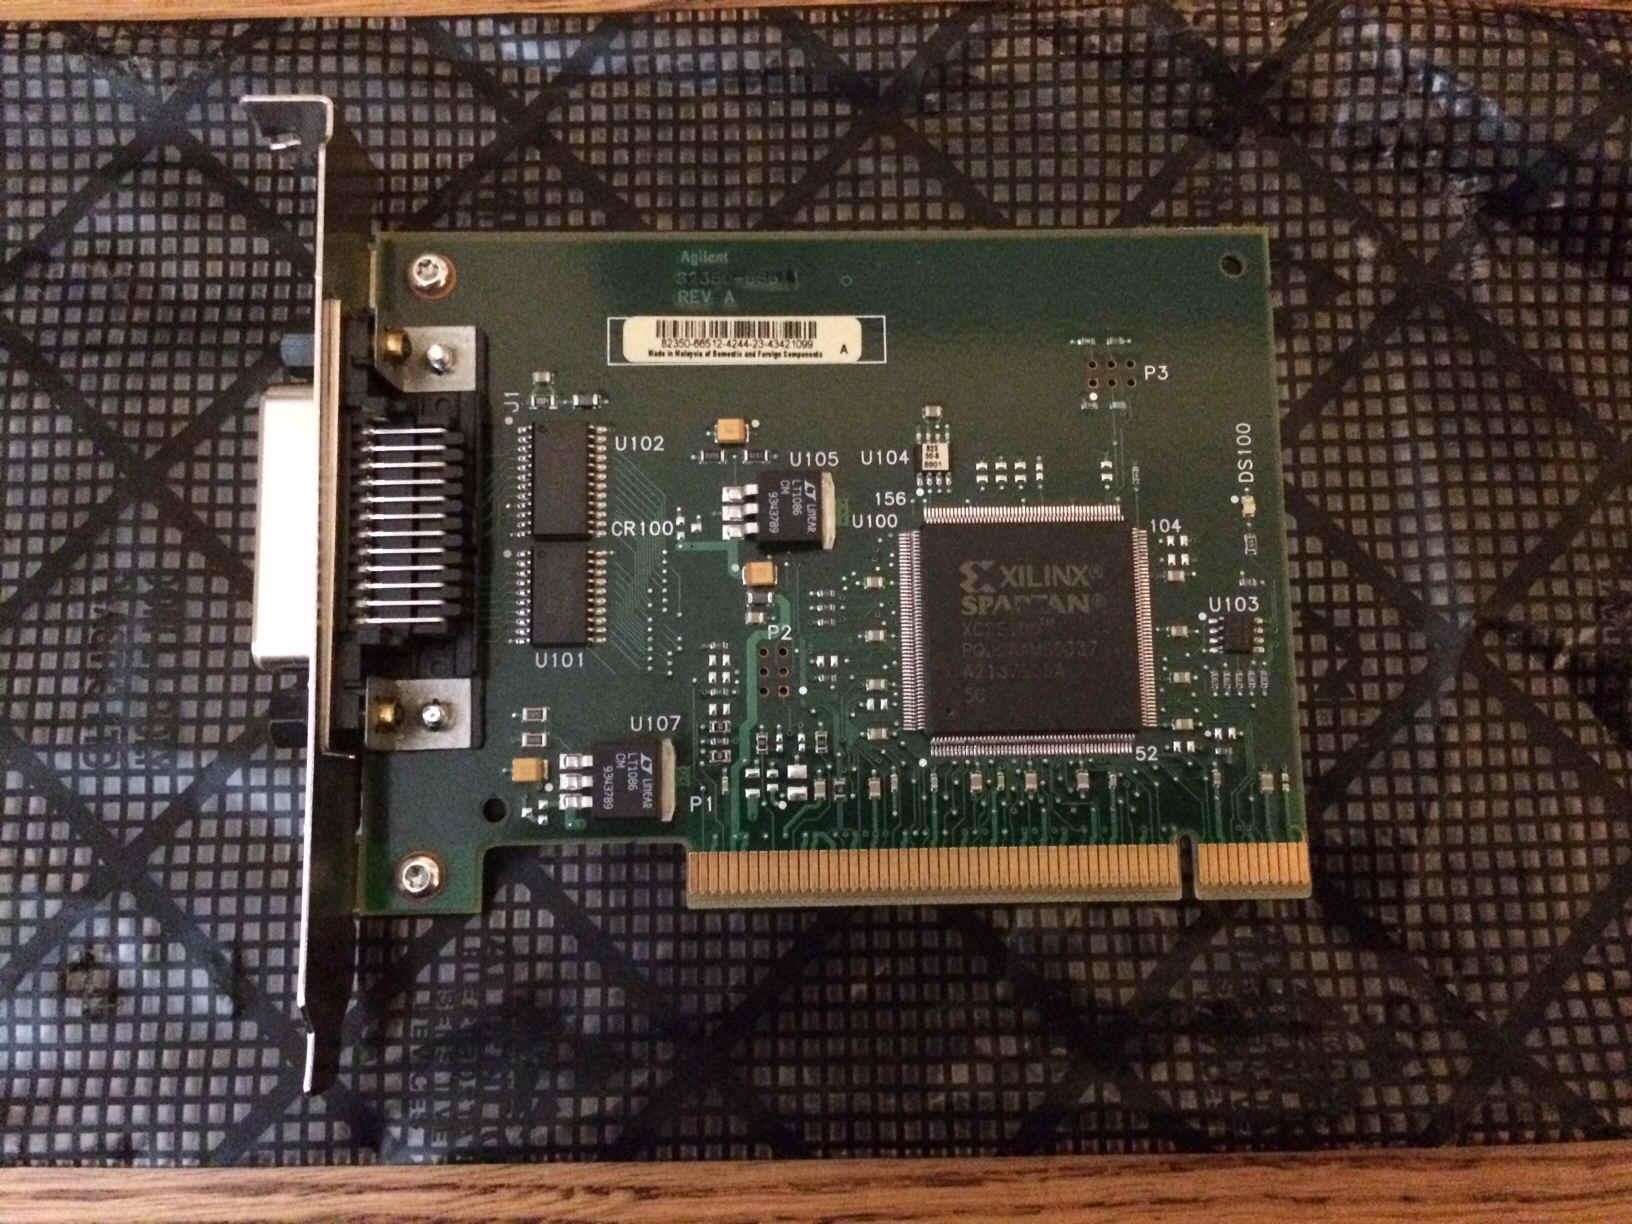 Used Hewlett Packard 1090 Hplc Parts 1090m 1090l Series Ii Wiring Diagram Hp 82350b Pci 791543 Bytes